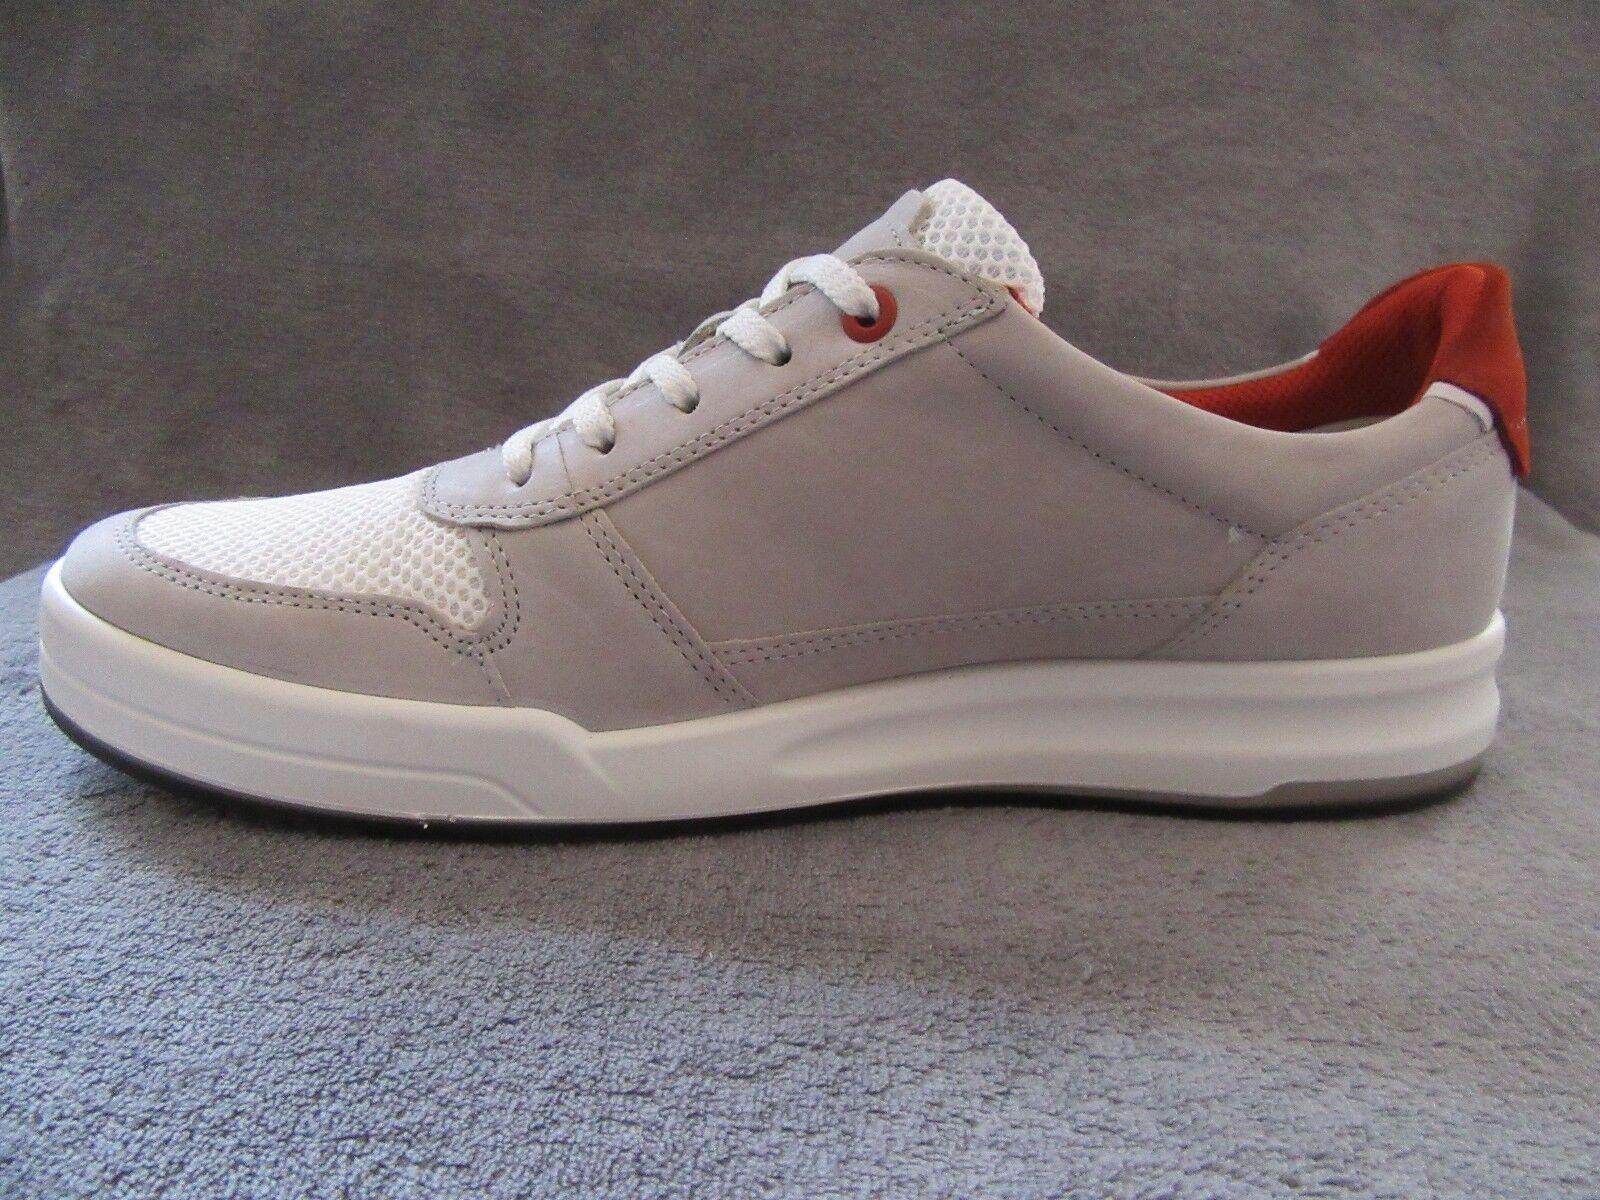 ECCO Jack Wild Dove White Pelle Tie  Shoes    Shoes 10 - 10.5 M EUR 44 NWB 3d186b